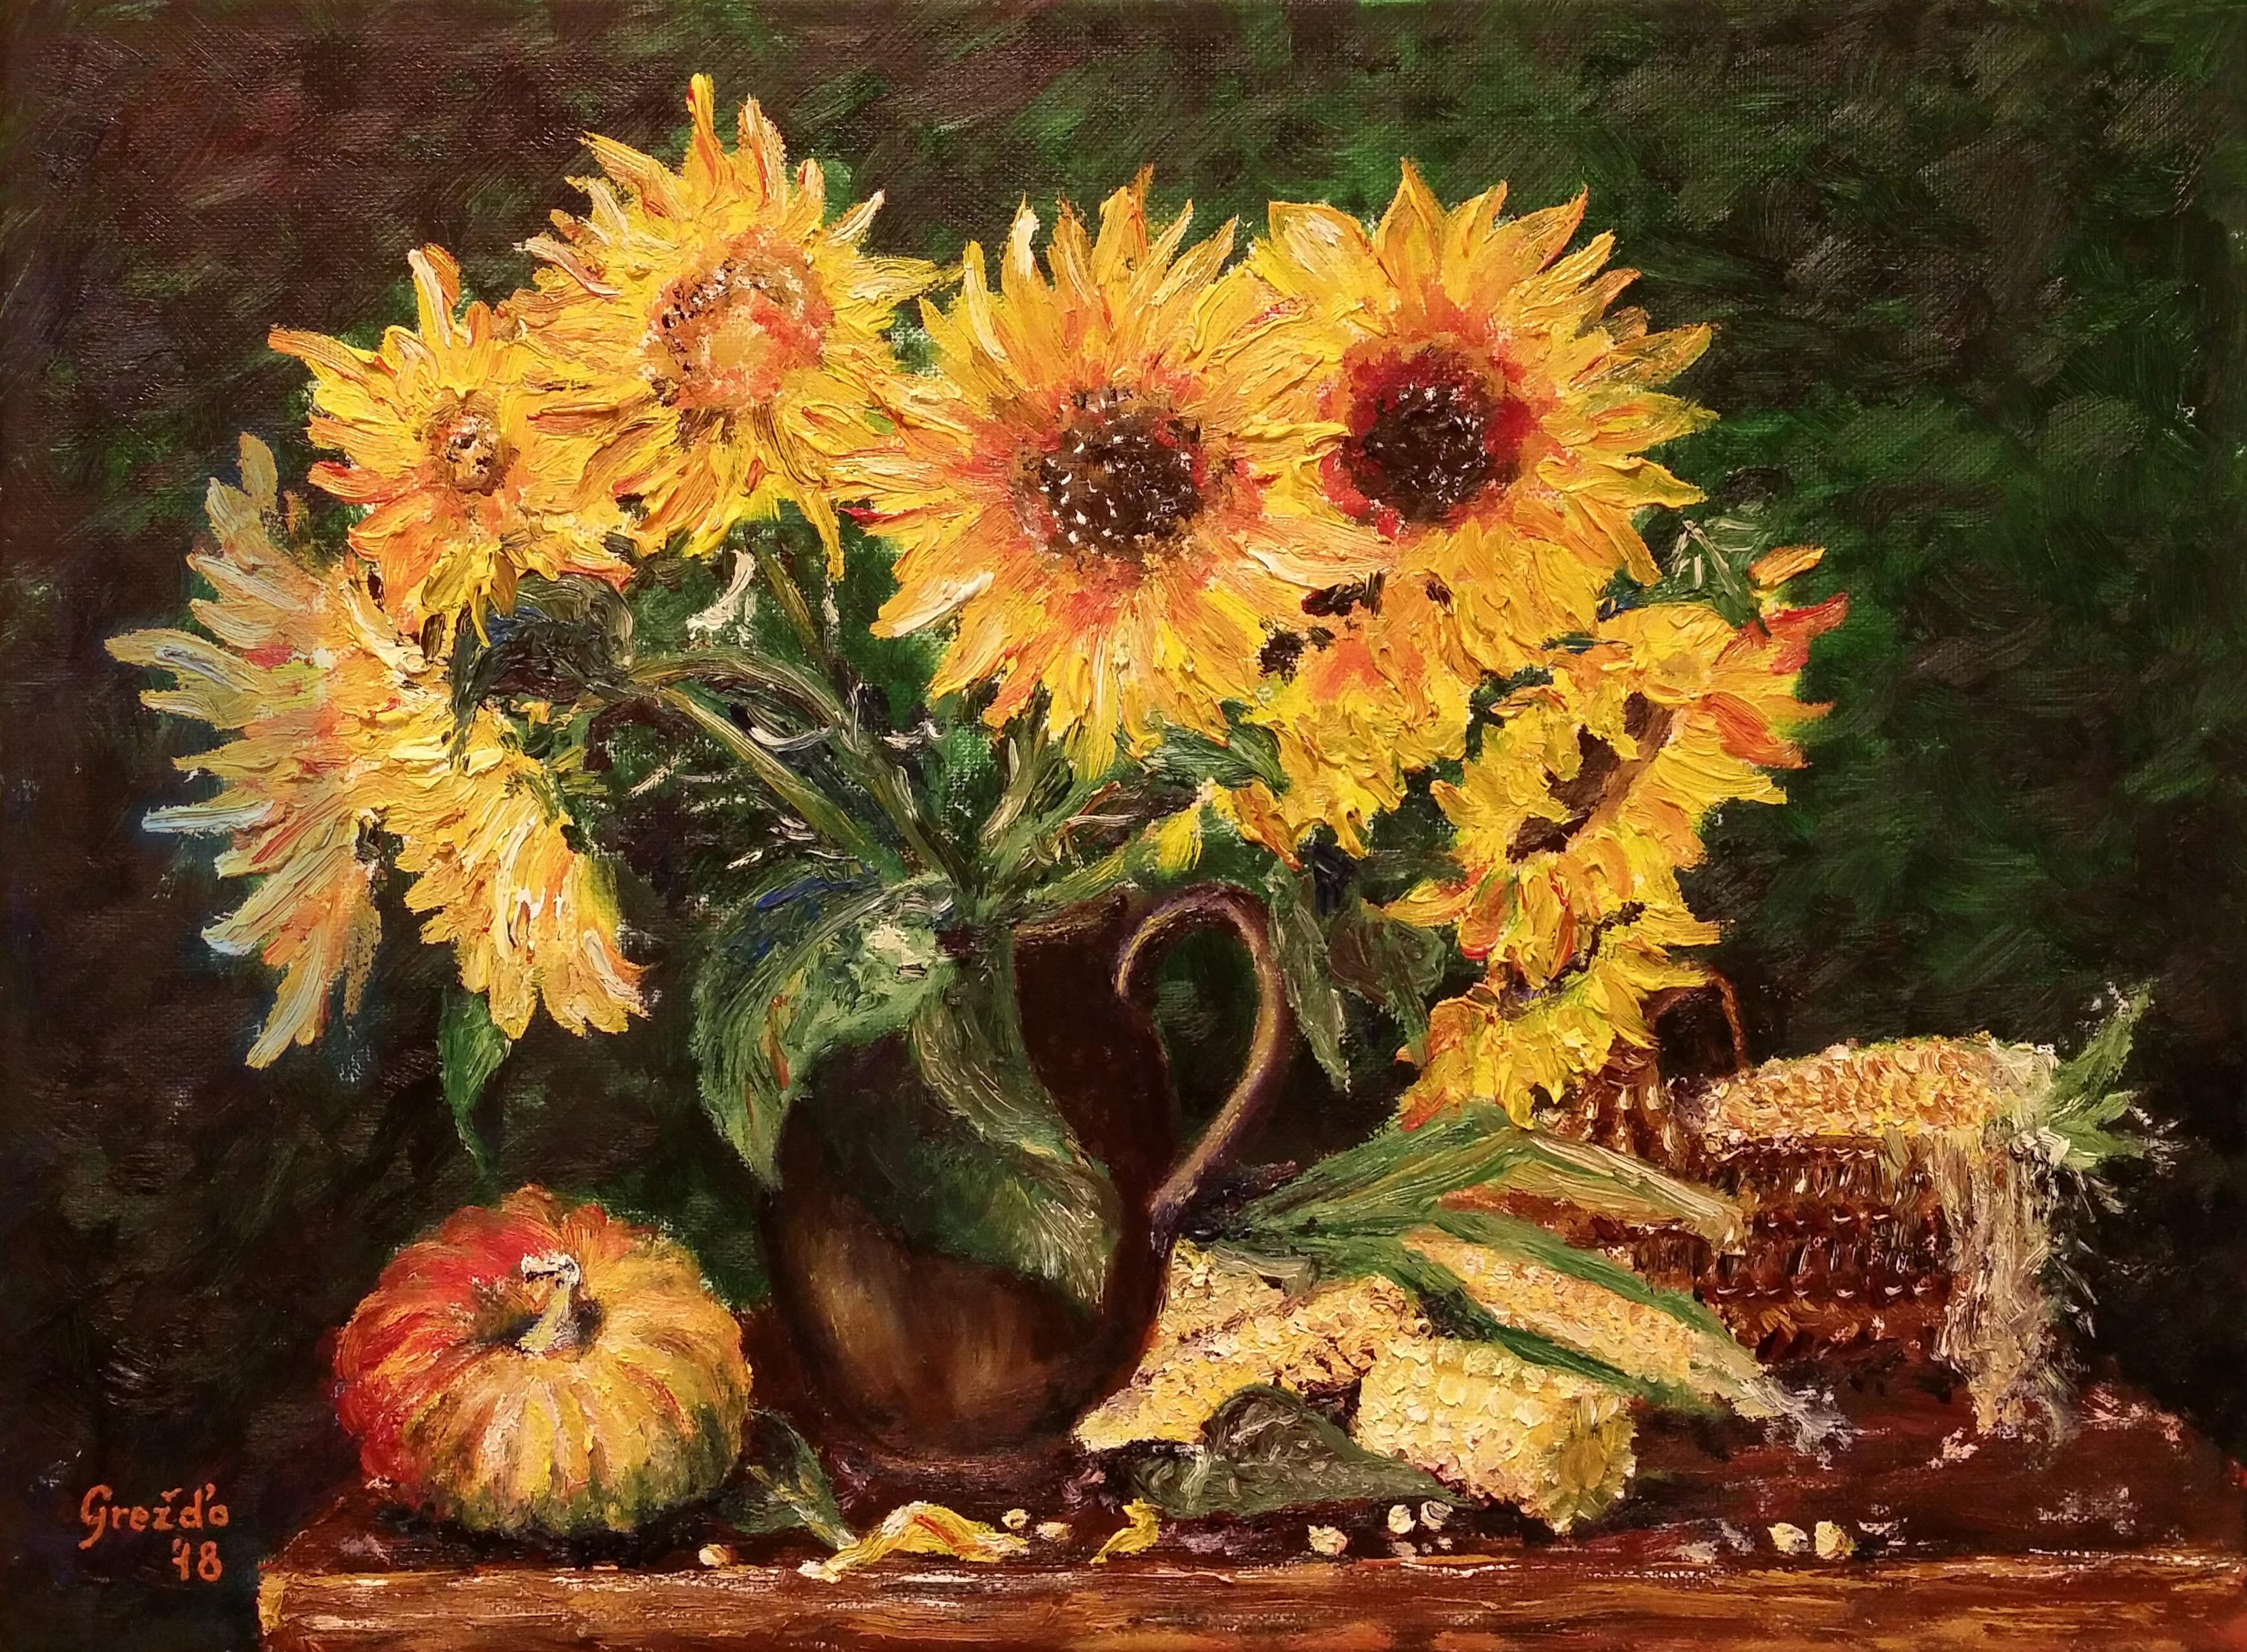 Zátišie so slnečnicami a kukuricou